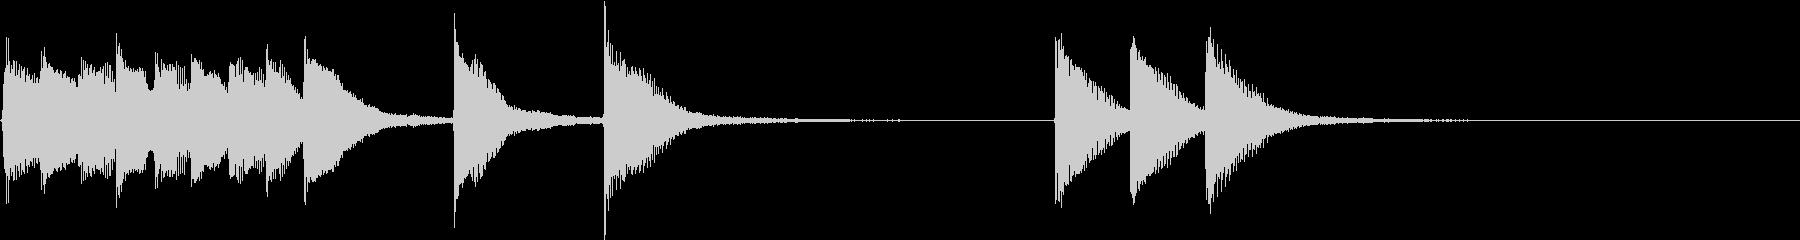 明るく かわいいピアノサウンドロゴ14の未再生の波形